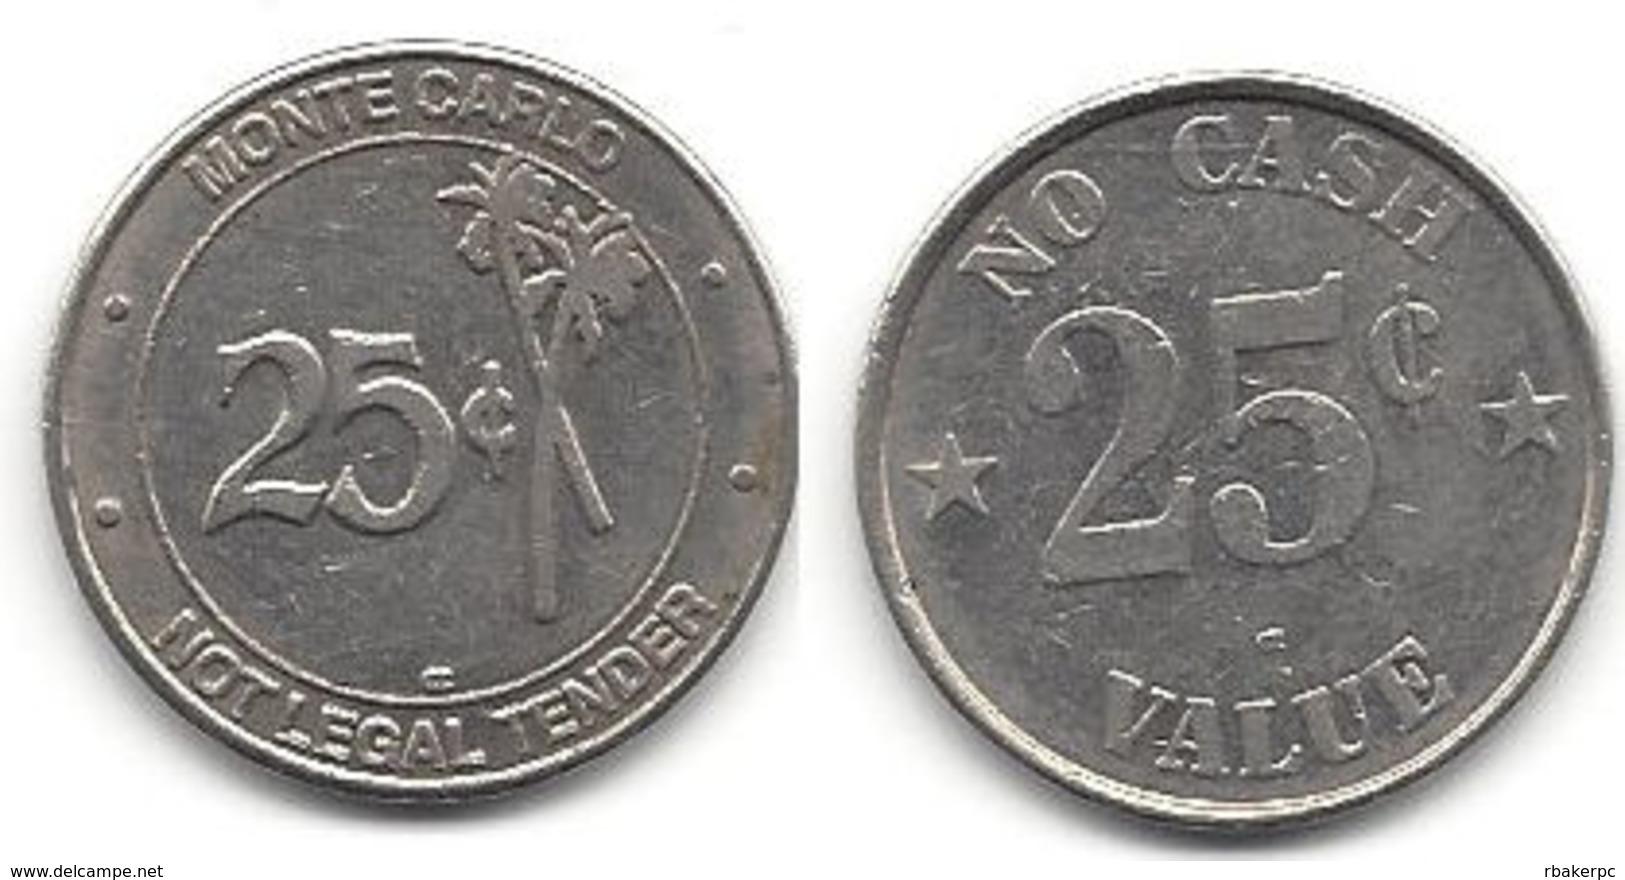 Monte Carlo Casino 25 Cent Token - Casino